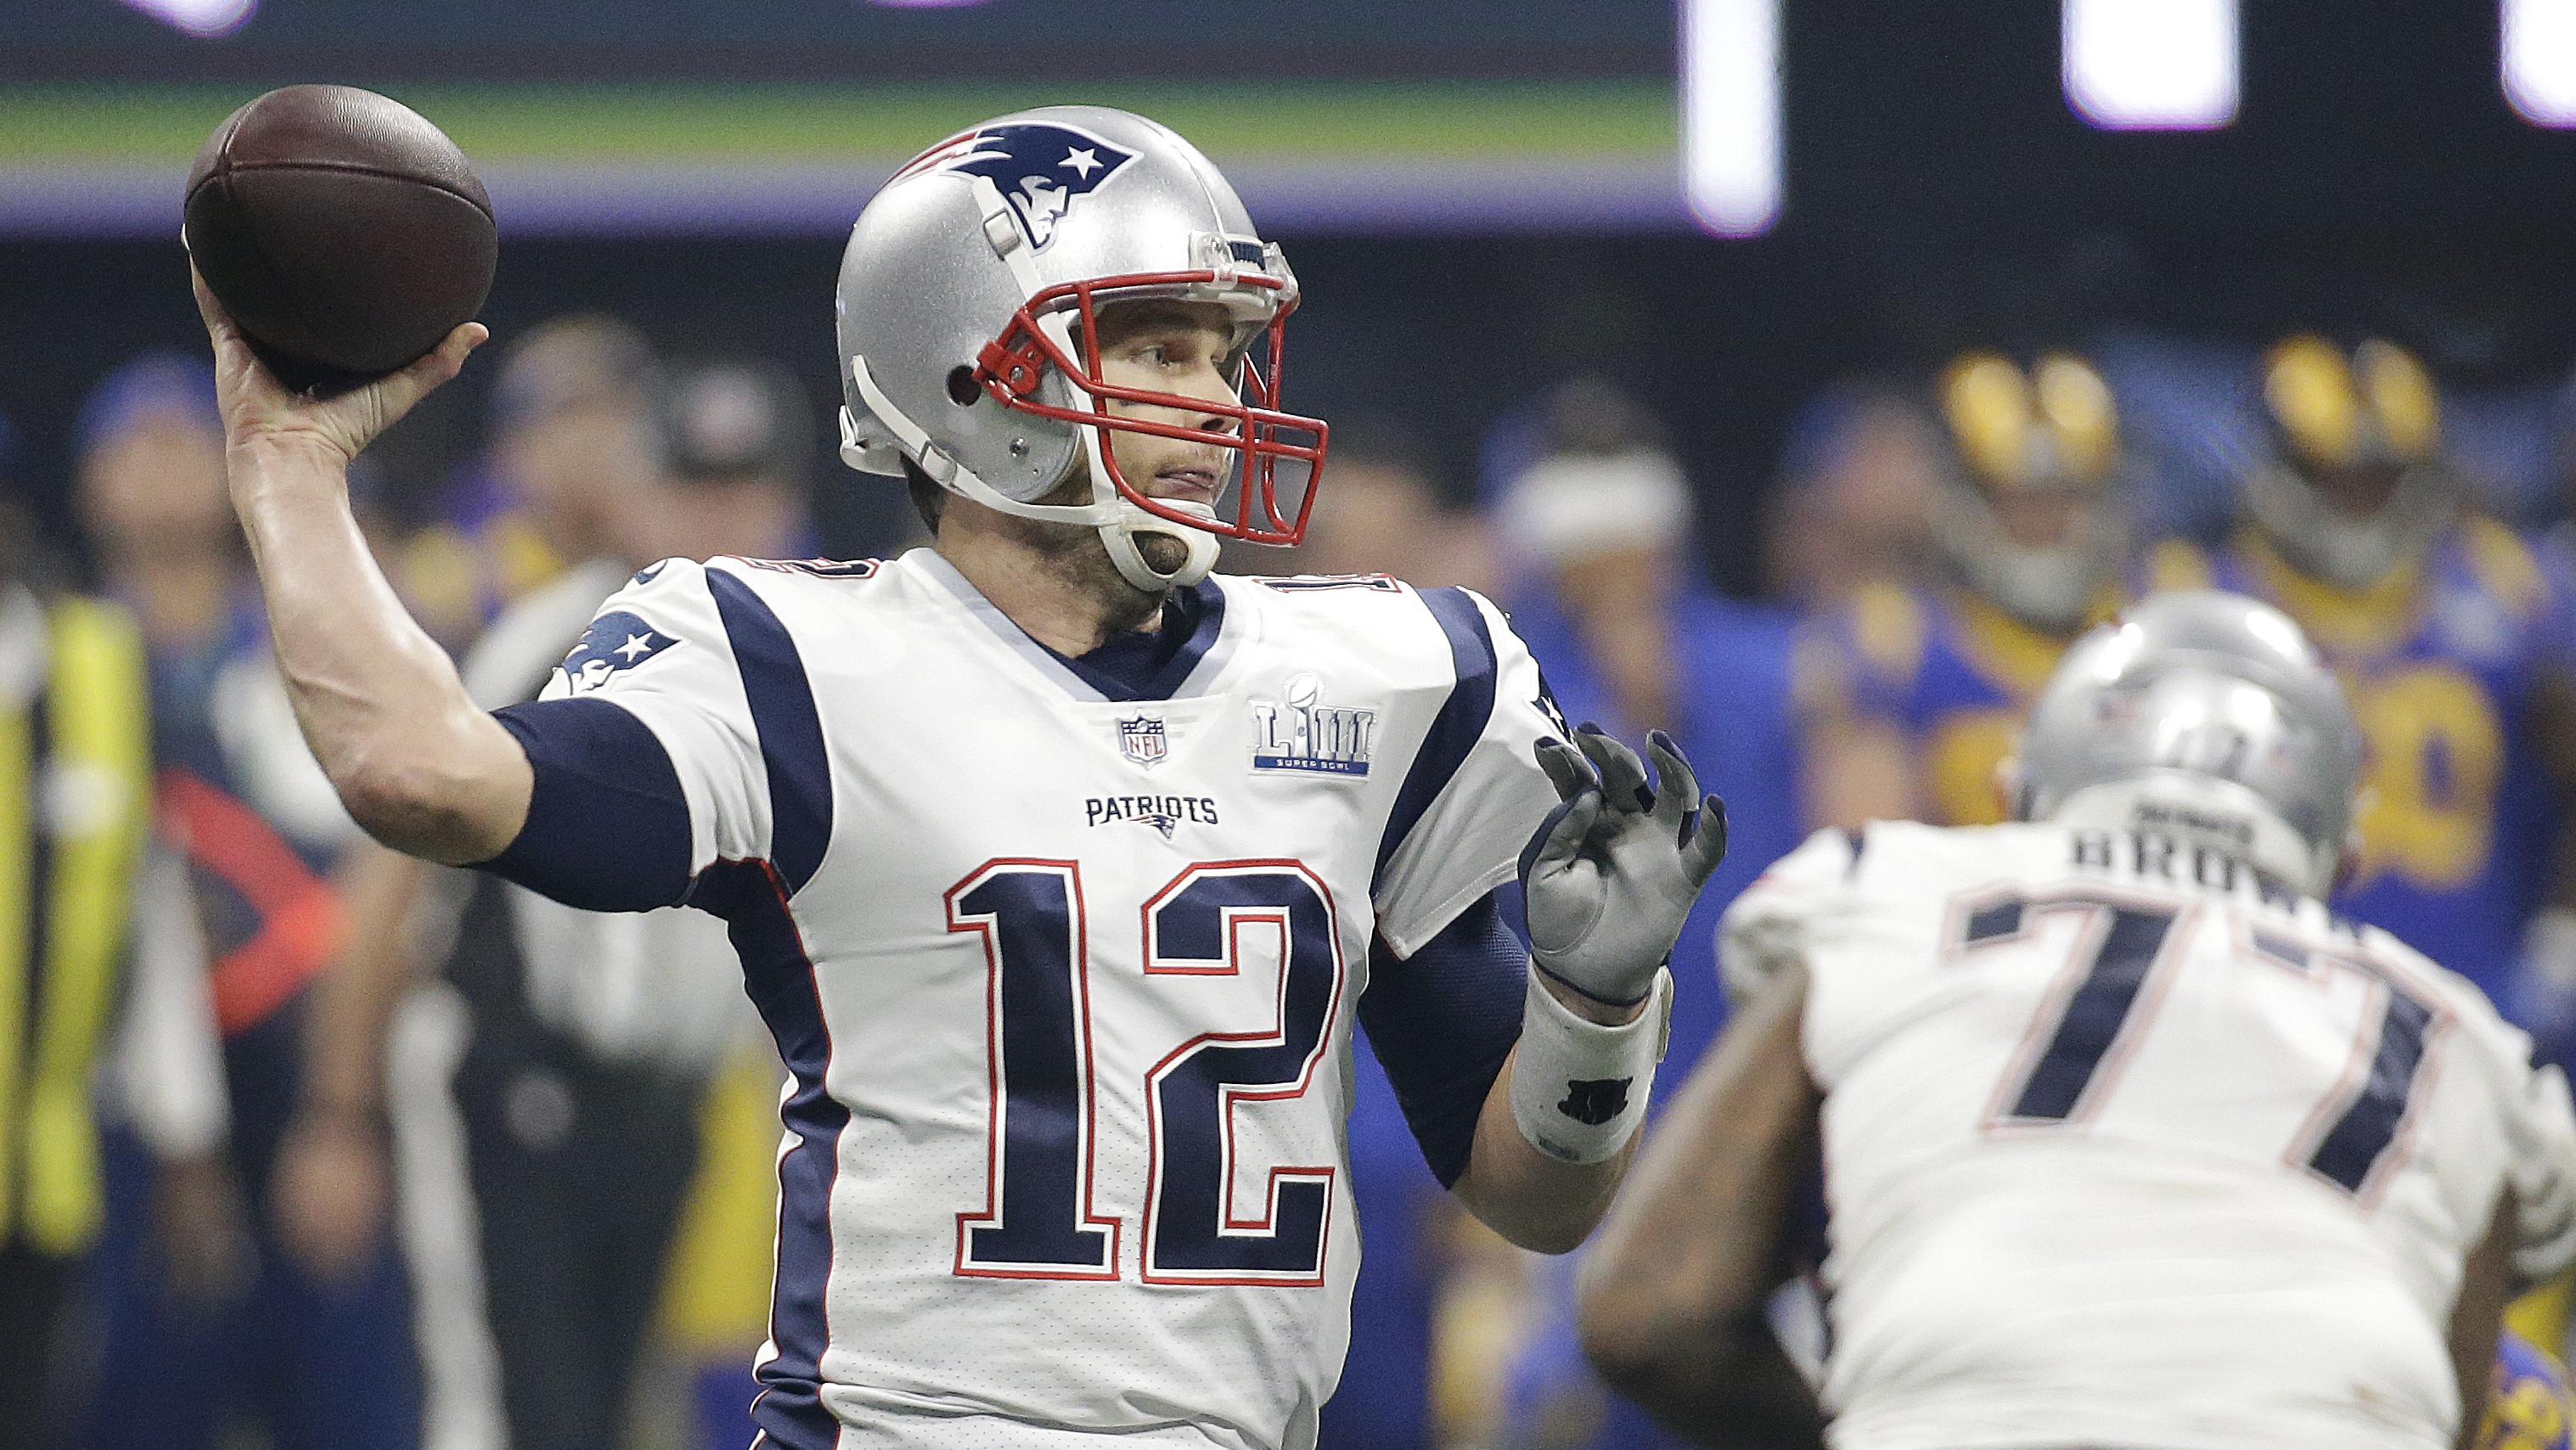 【原声回放】NFL第53届超级碗:爱国者vs公羊第4节 布雷迪神来之笔勇夺第6冠_NFL全场回放